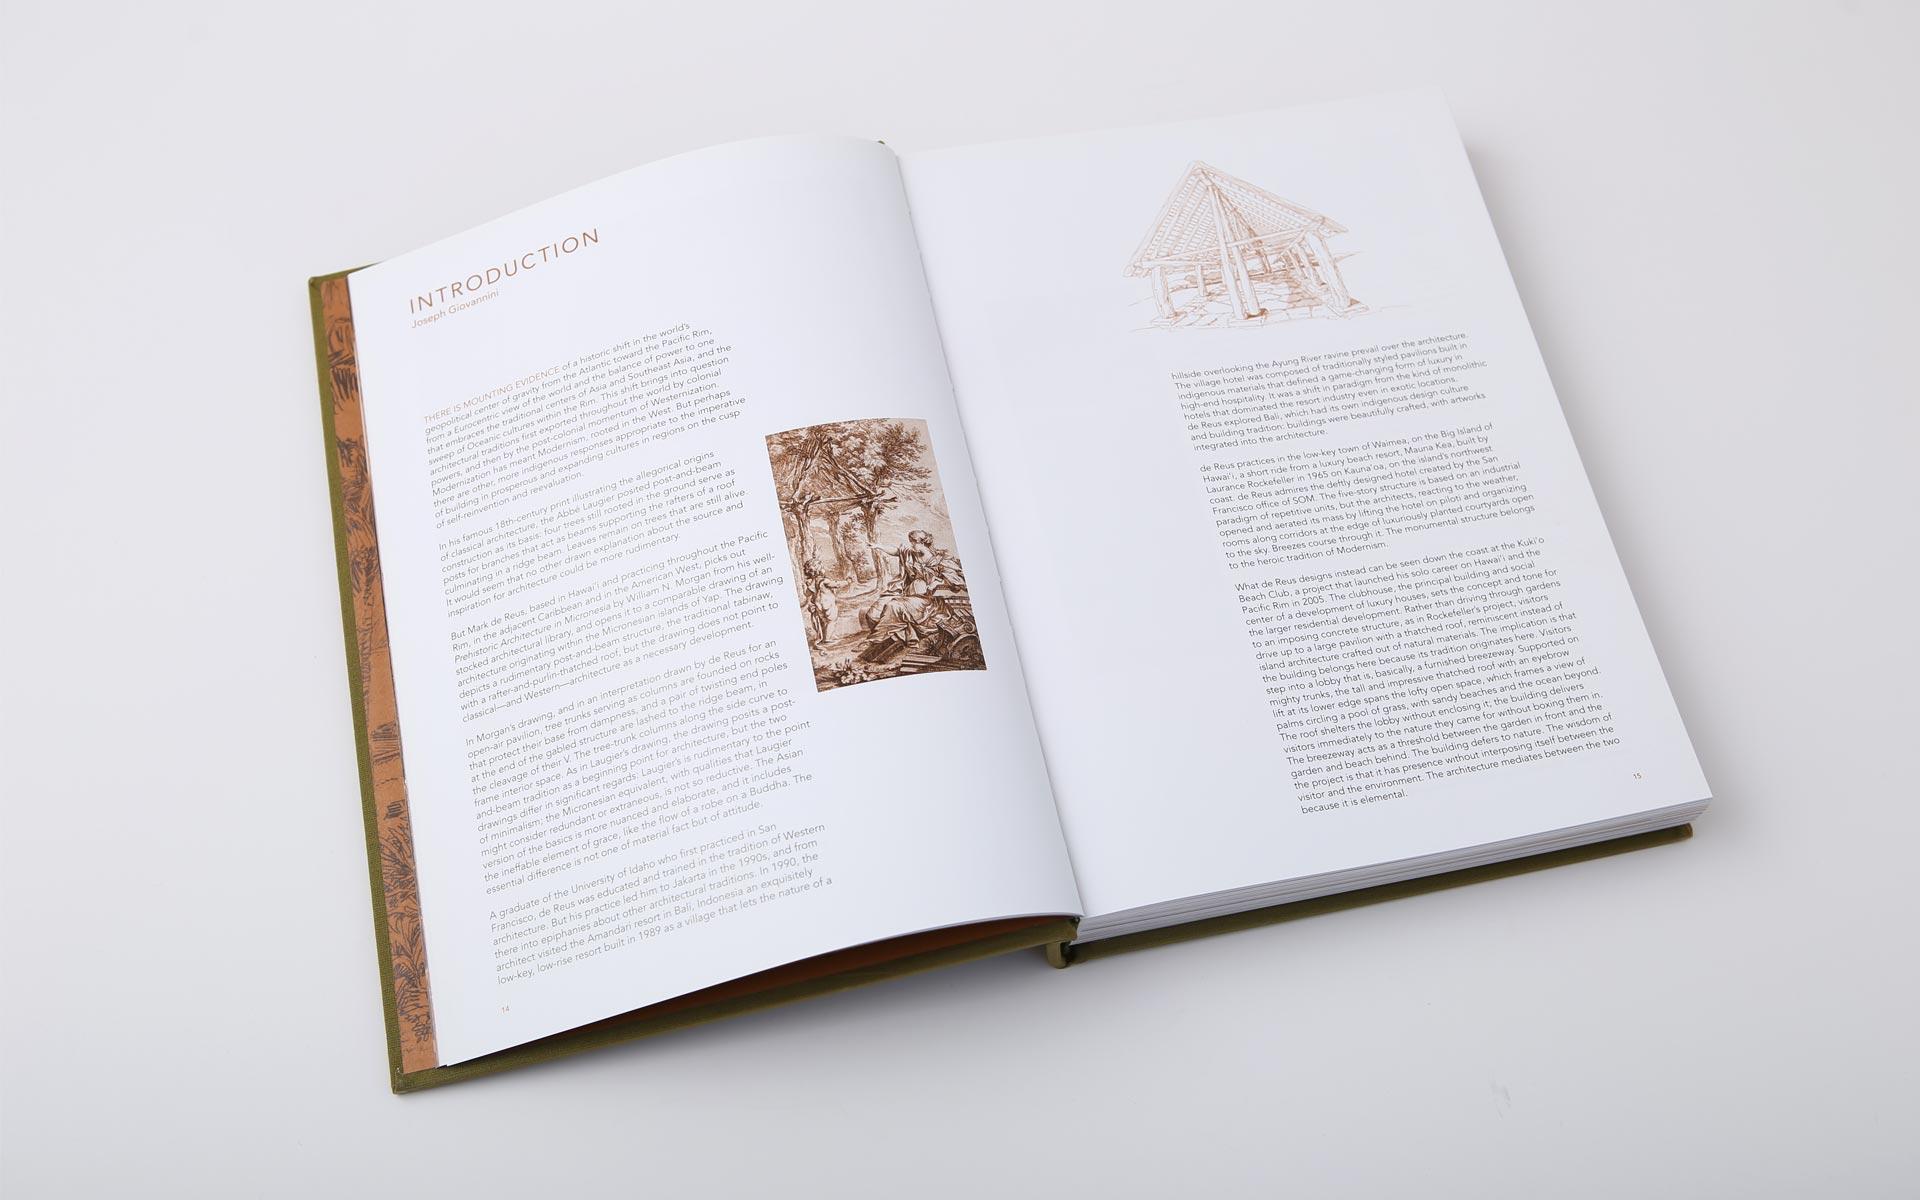 tropical-architecture-book-design-4